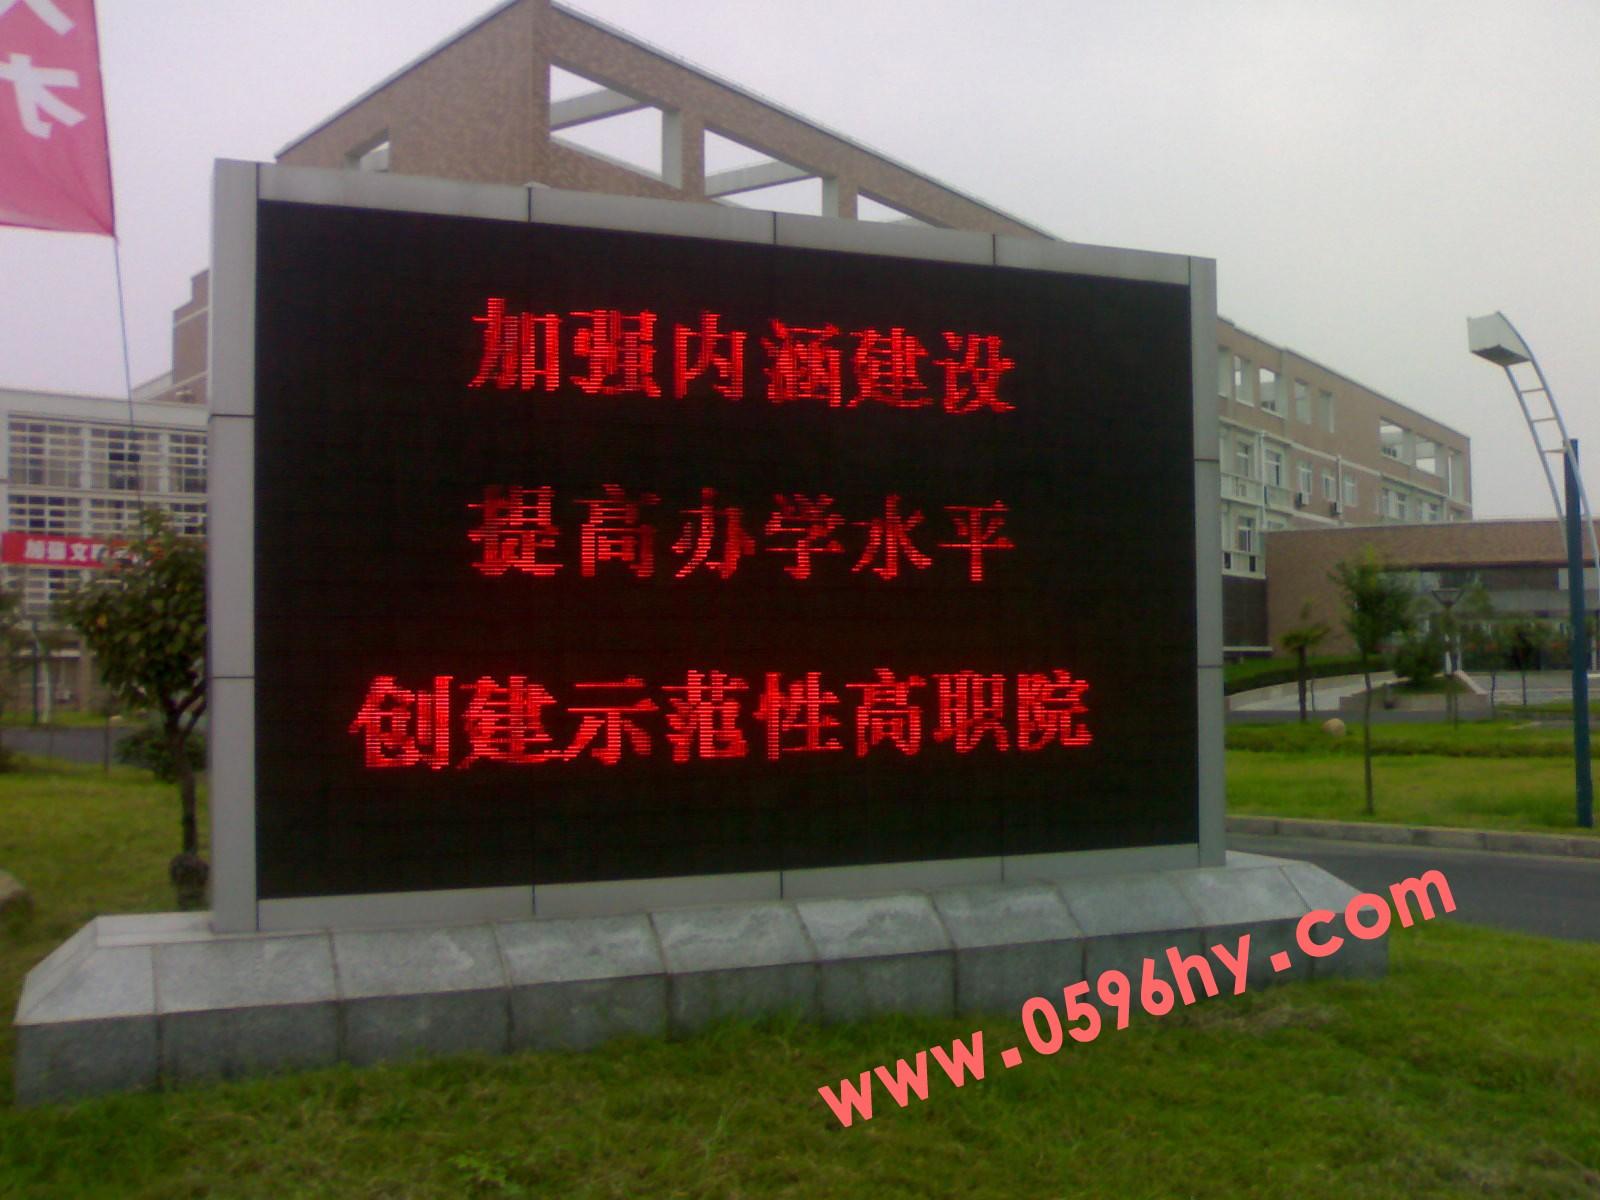 LED廣告屏 漳州輝越廣告公司,漳州廣告公司,漳州廣告設計,漳州廣告牌制作,漳州設計公司,漳州廣告制作